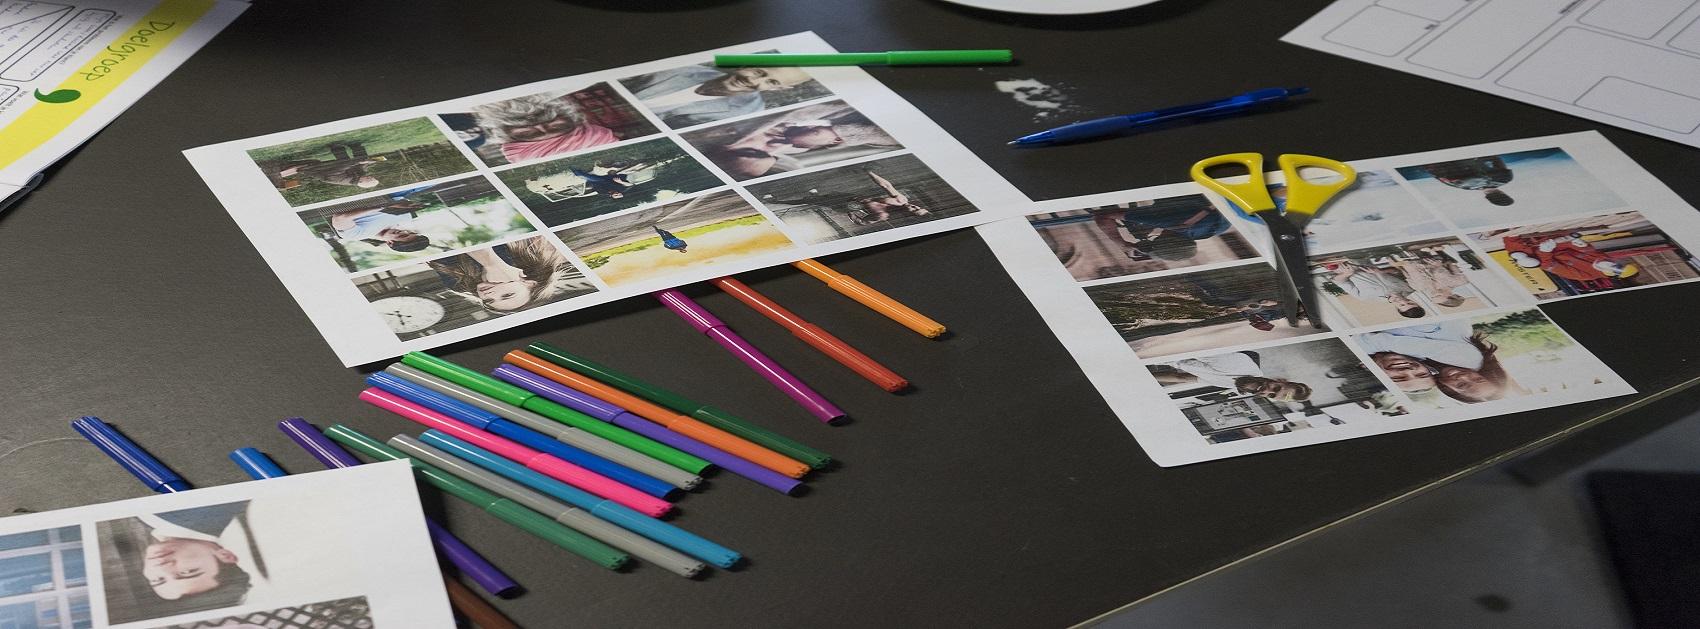 Materialen workshops